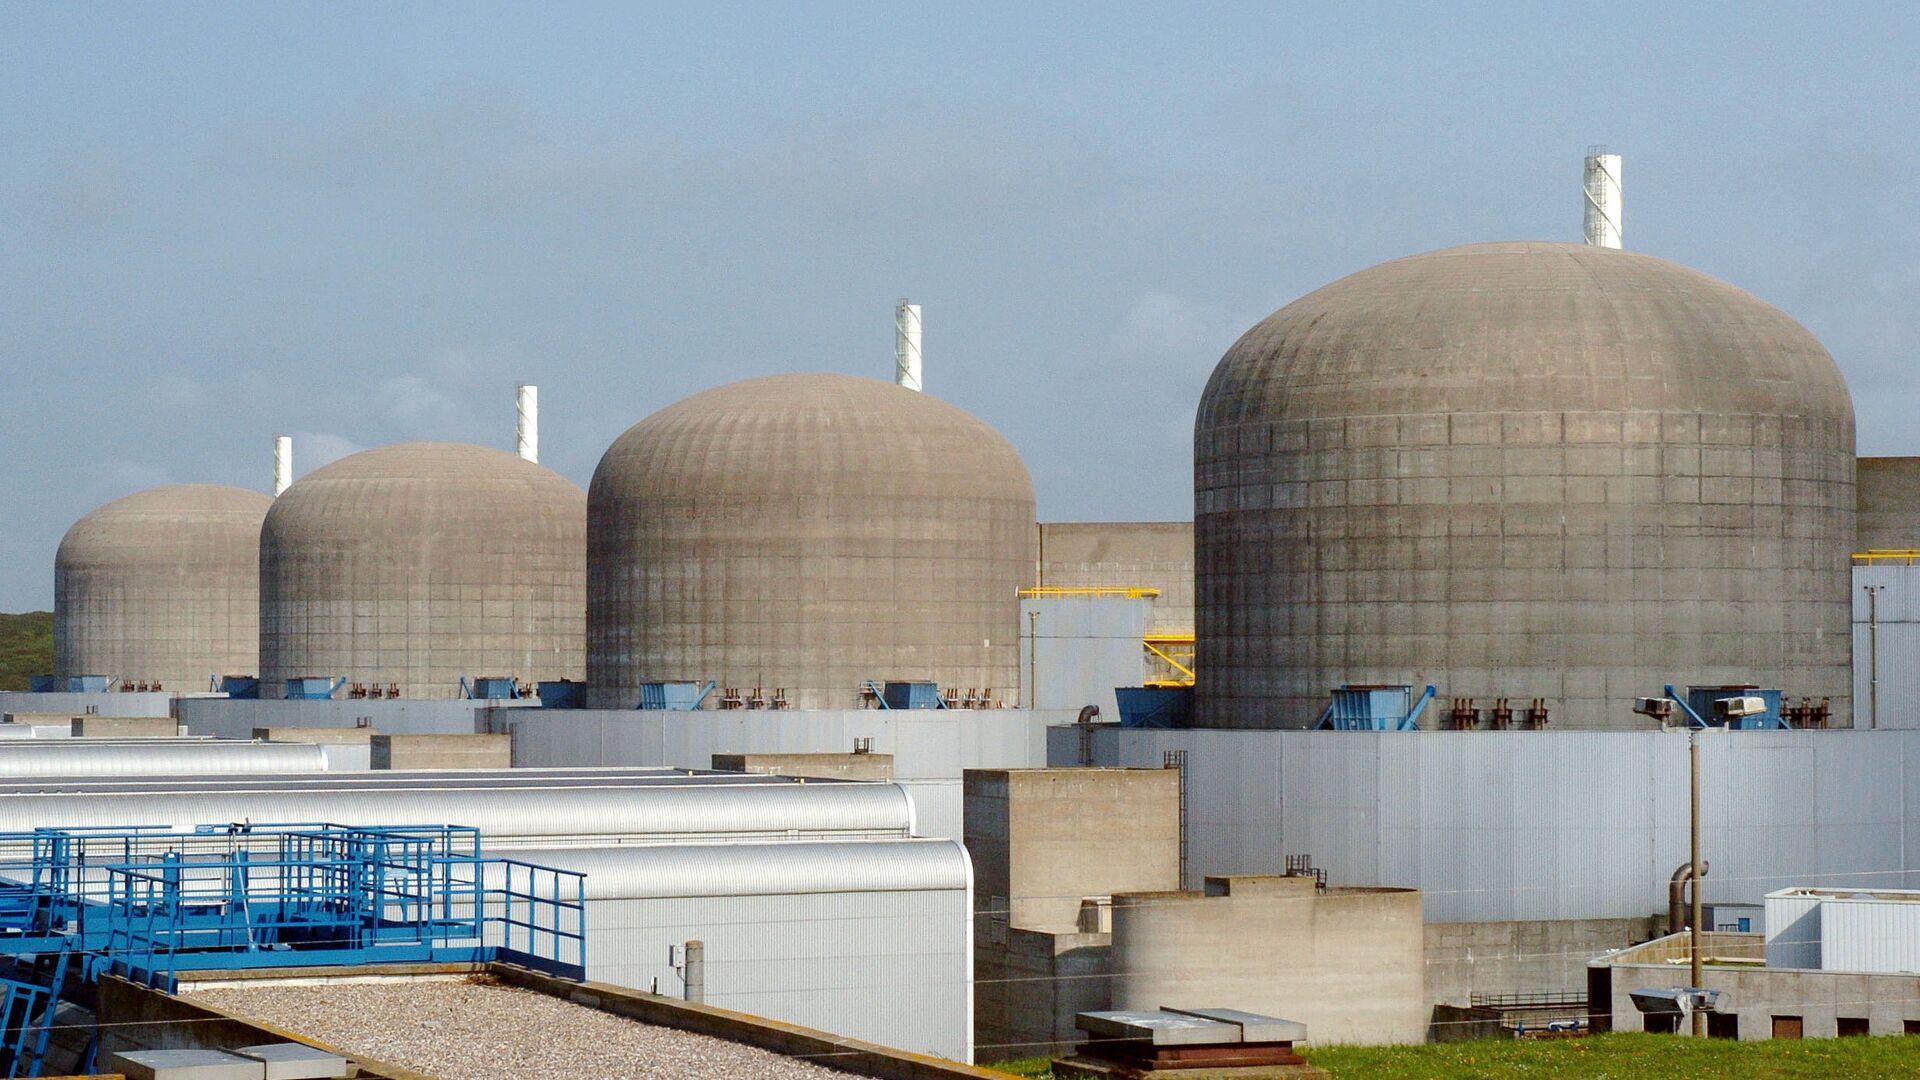 Paluel nuclear power plant in Paluel, western France - Sputnik International, 1920, 12.10.2021